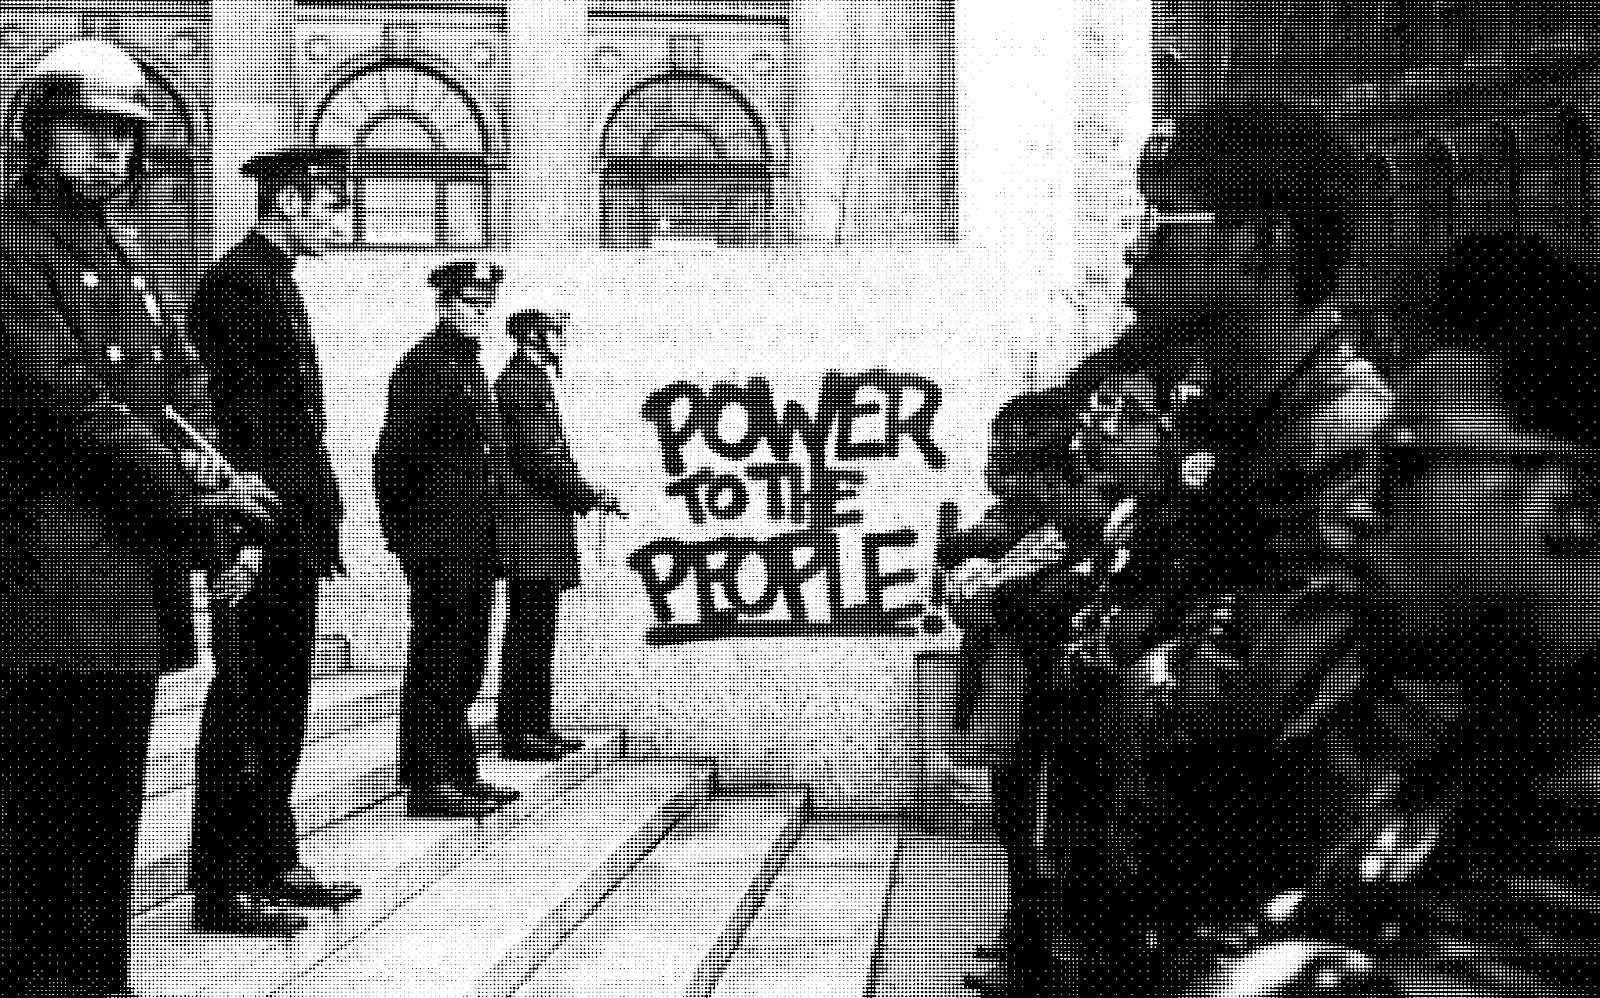 Black Panther Party Logos